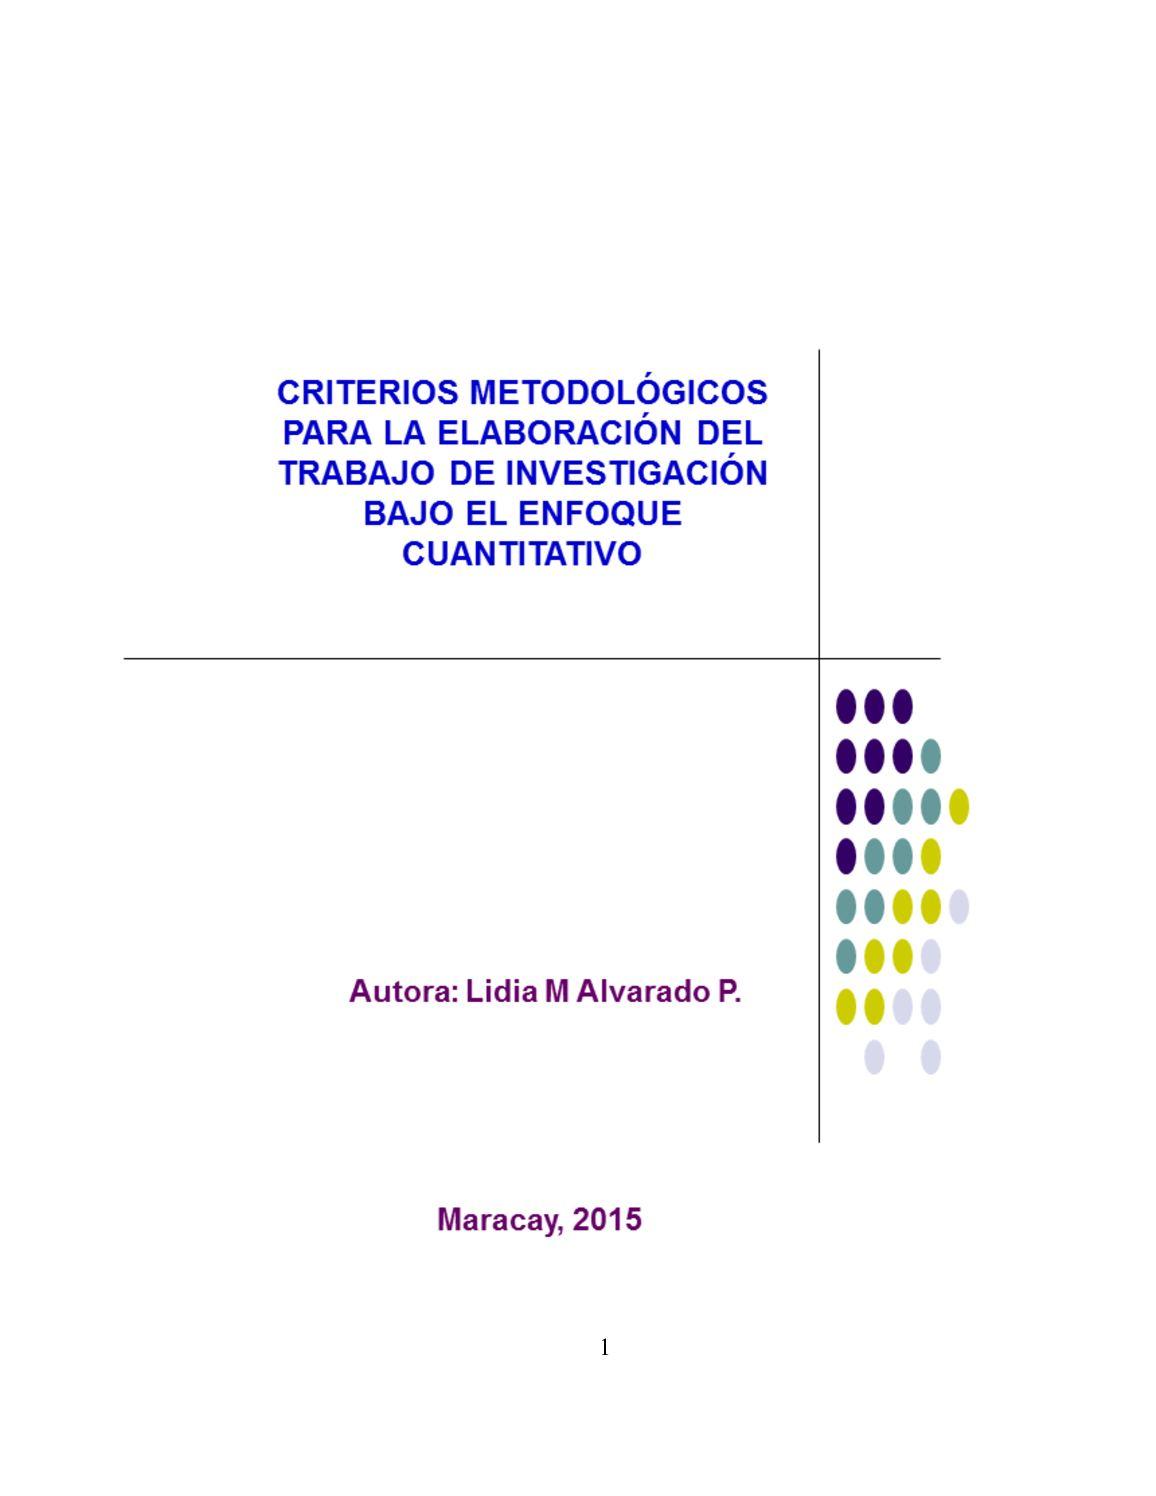 Manual Para Elaboración De Un Trabajo De Investigación